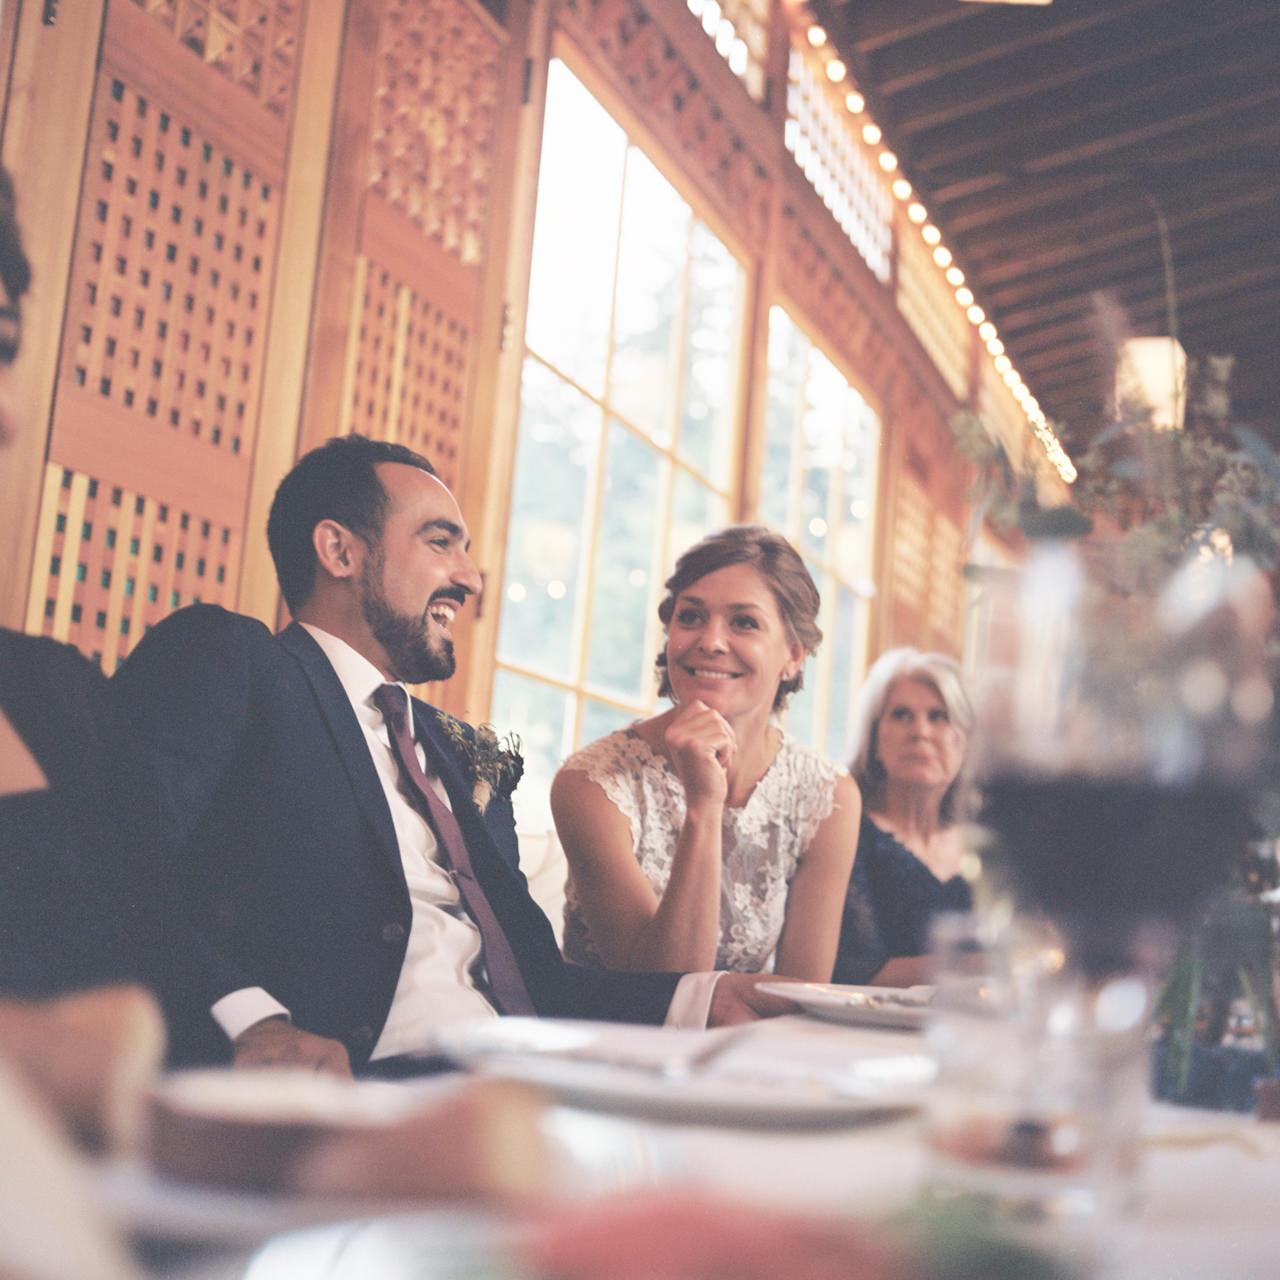 mt-hood-organic-farms-film-wedding-21.jpg